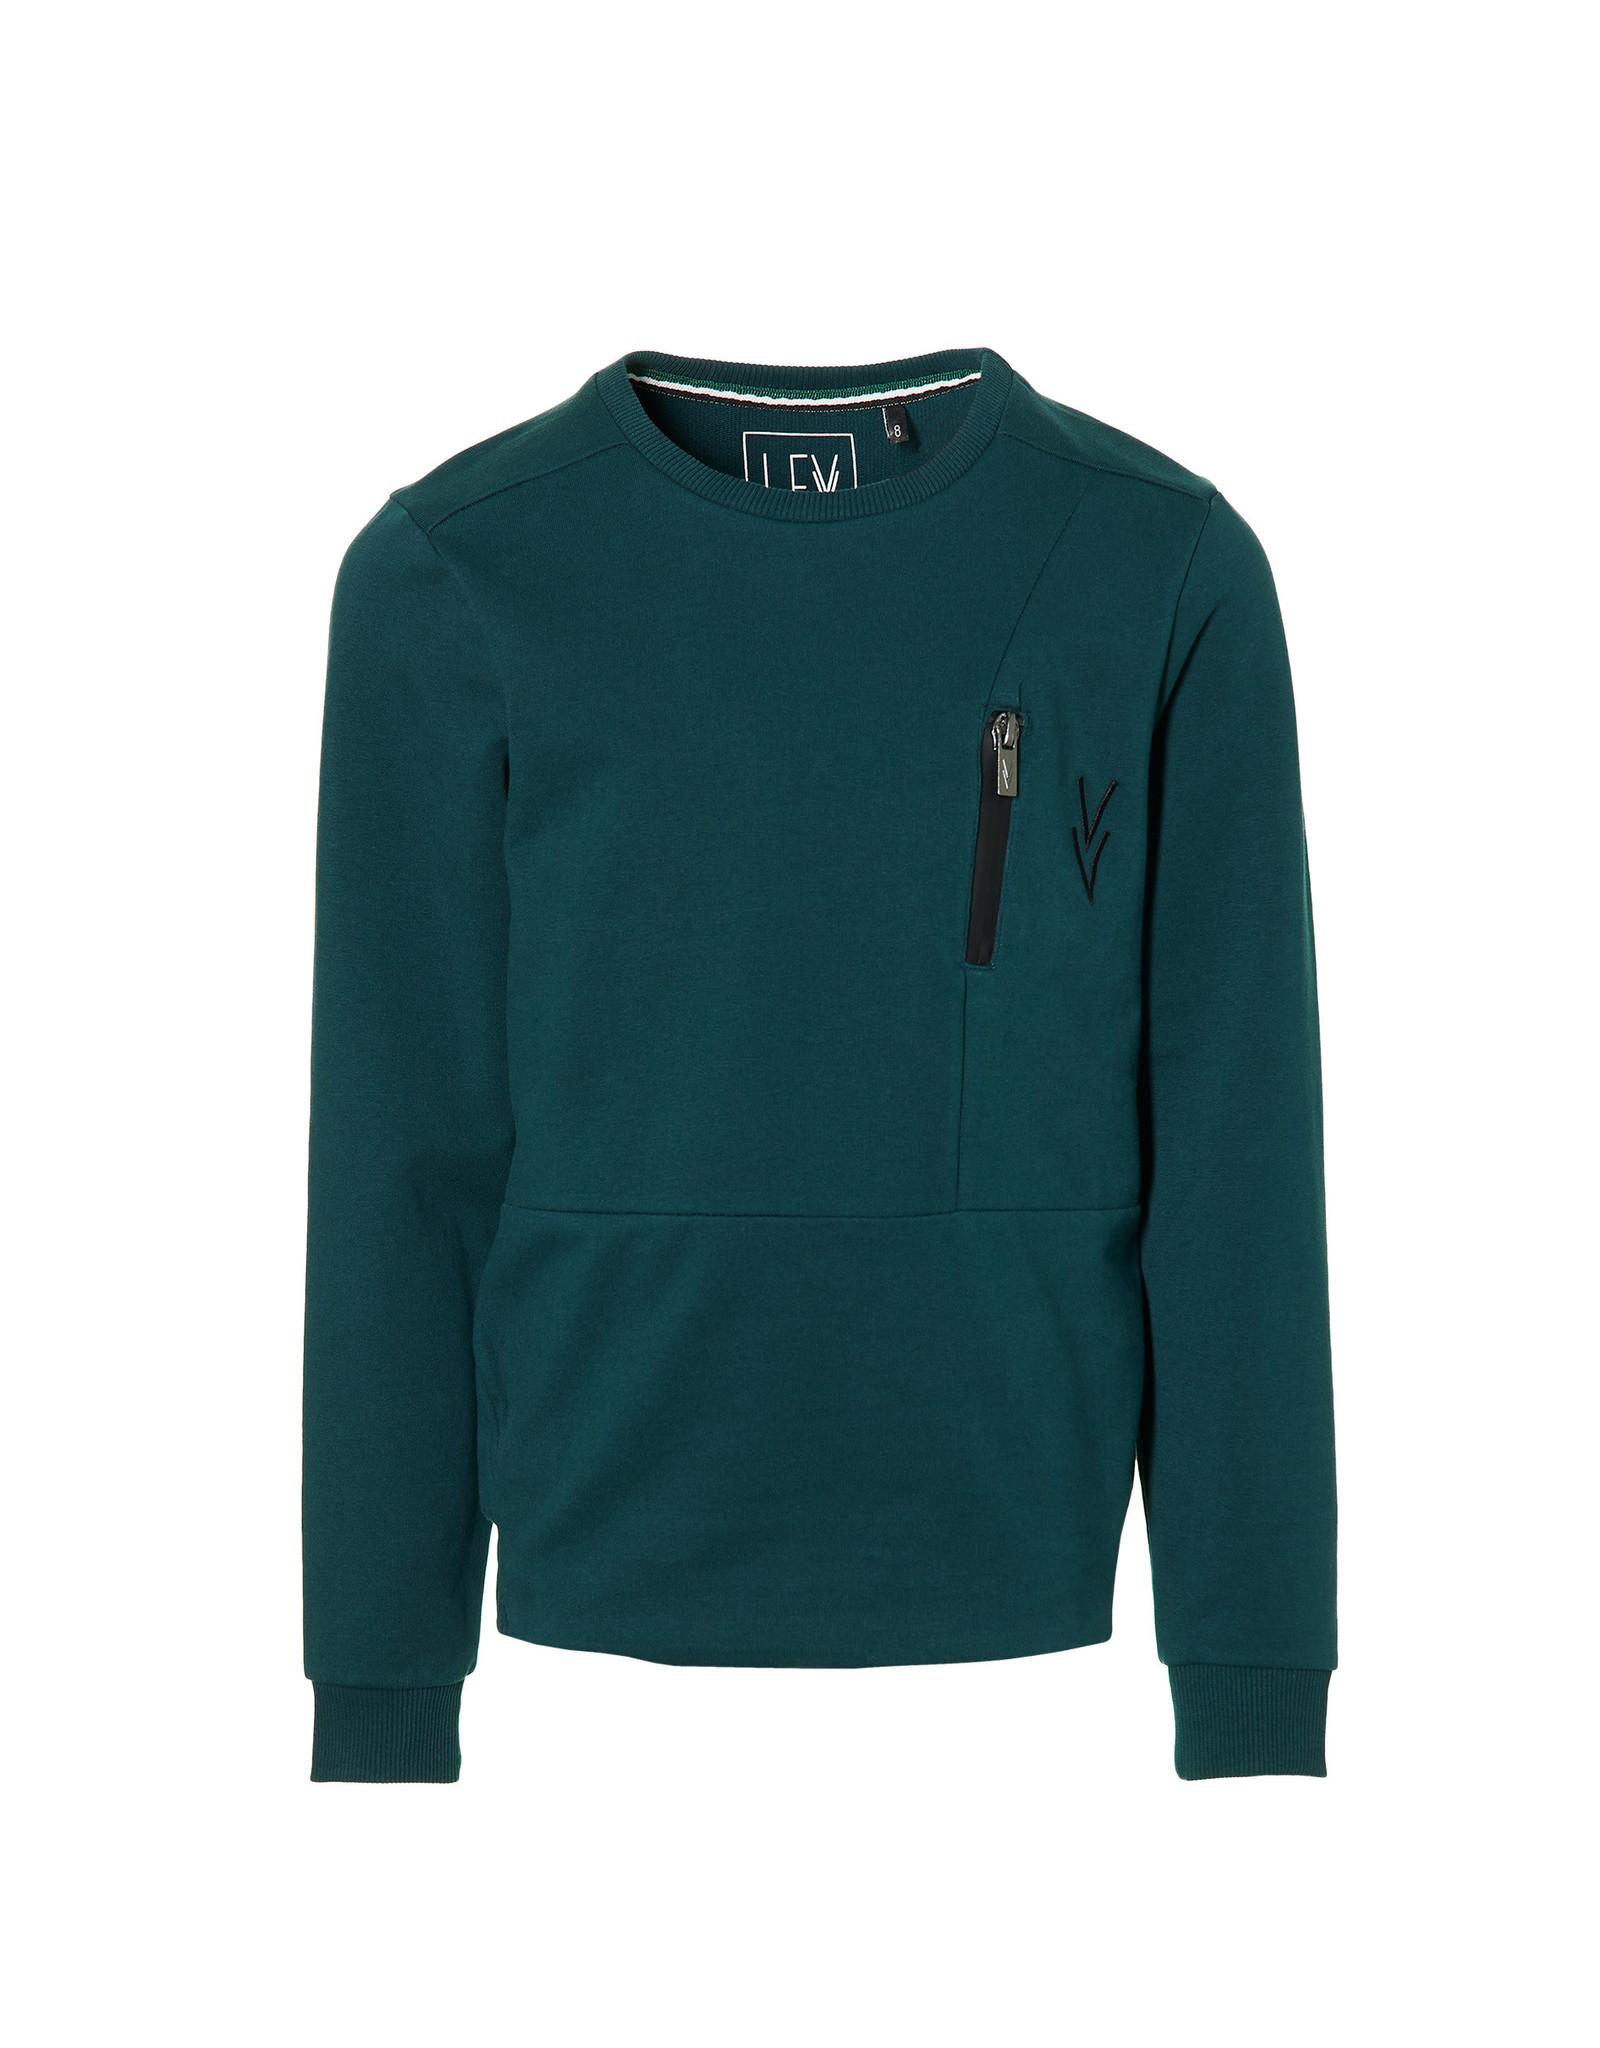 LEVV Levv jongens sweater Kelvin Deep Green